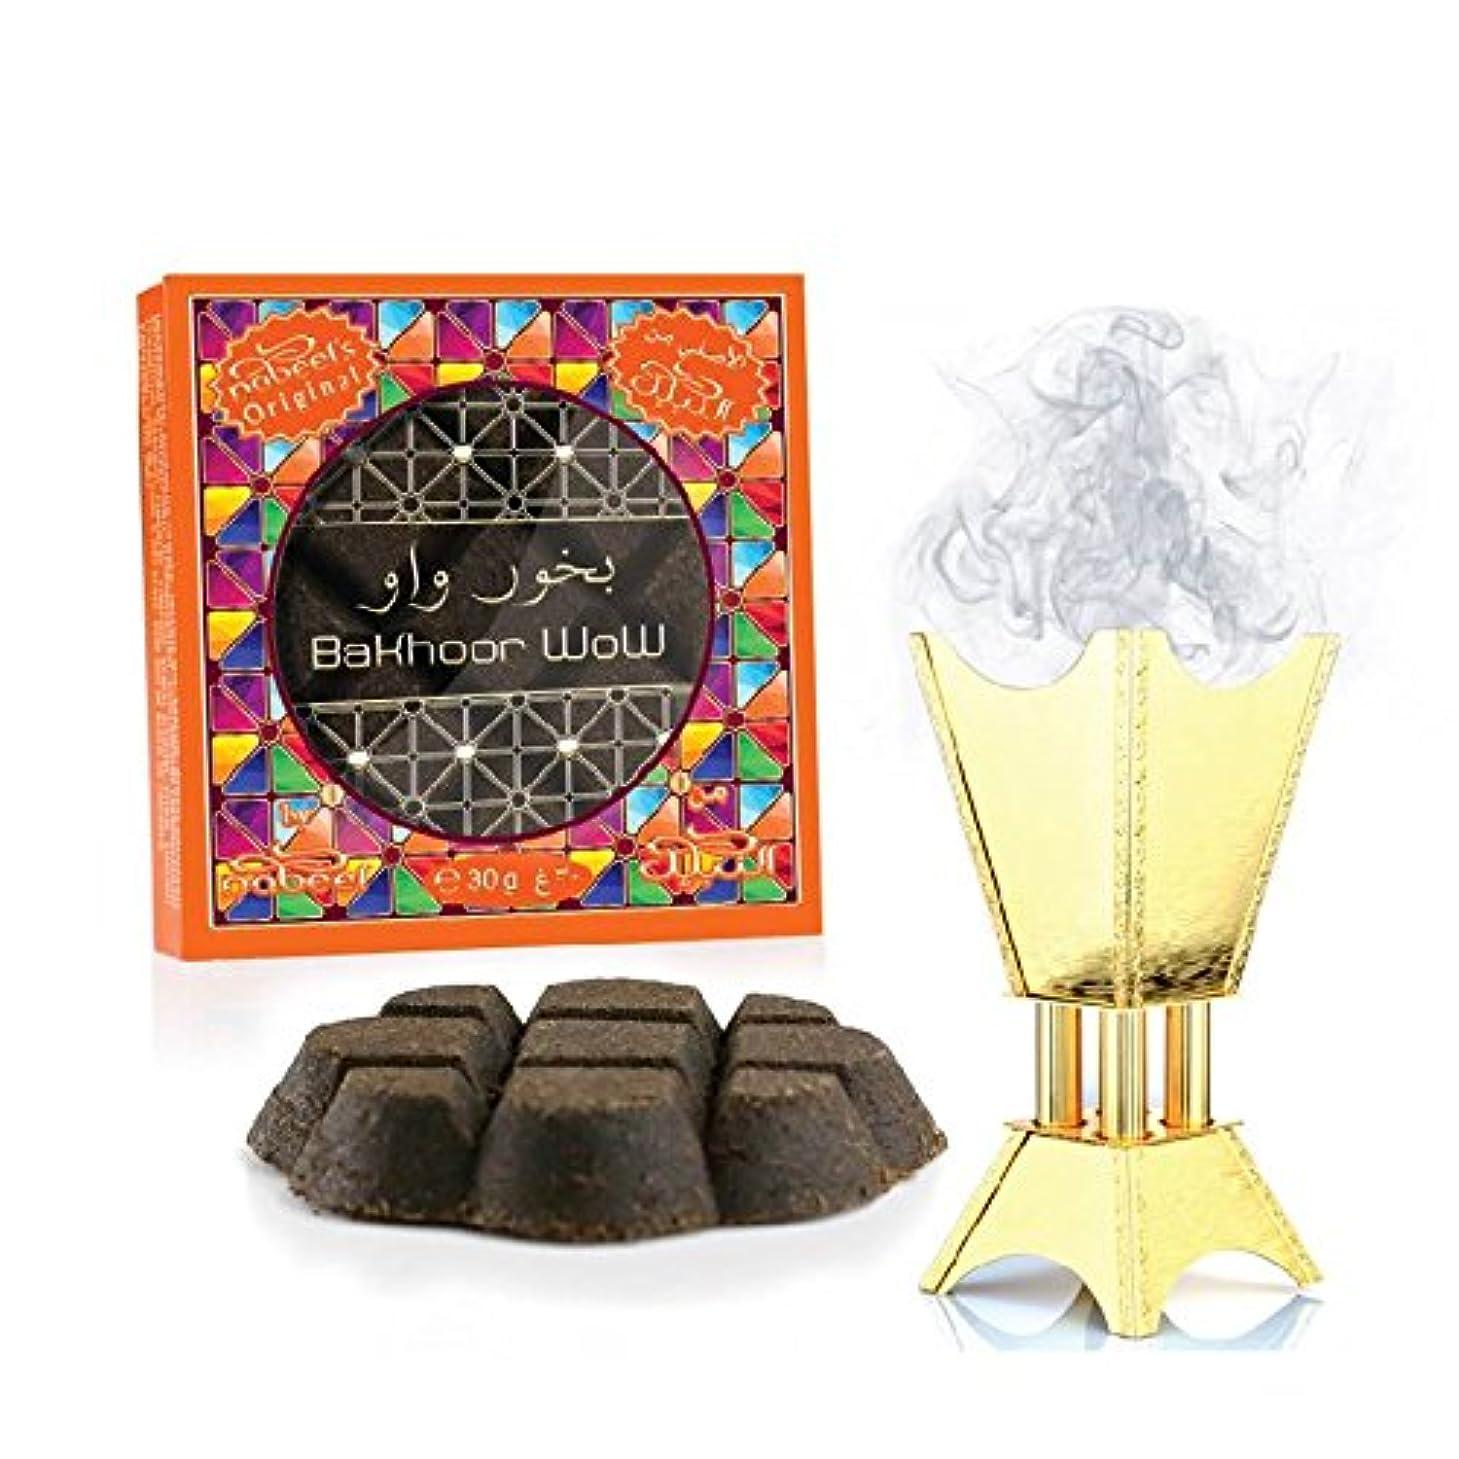 民兵出します委員会Bakhoor Wow Incense (ボックスof 12 x 30 gm ) by Nabeel